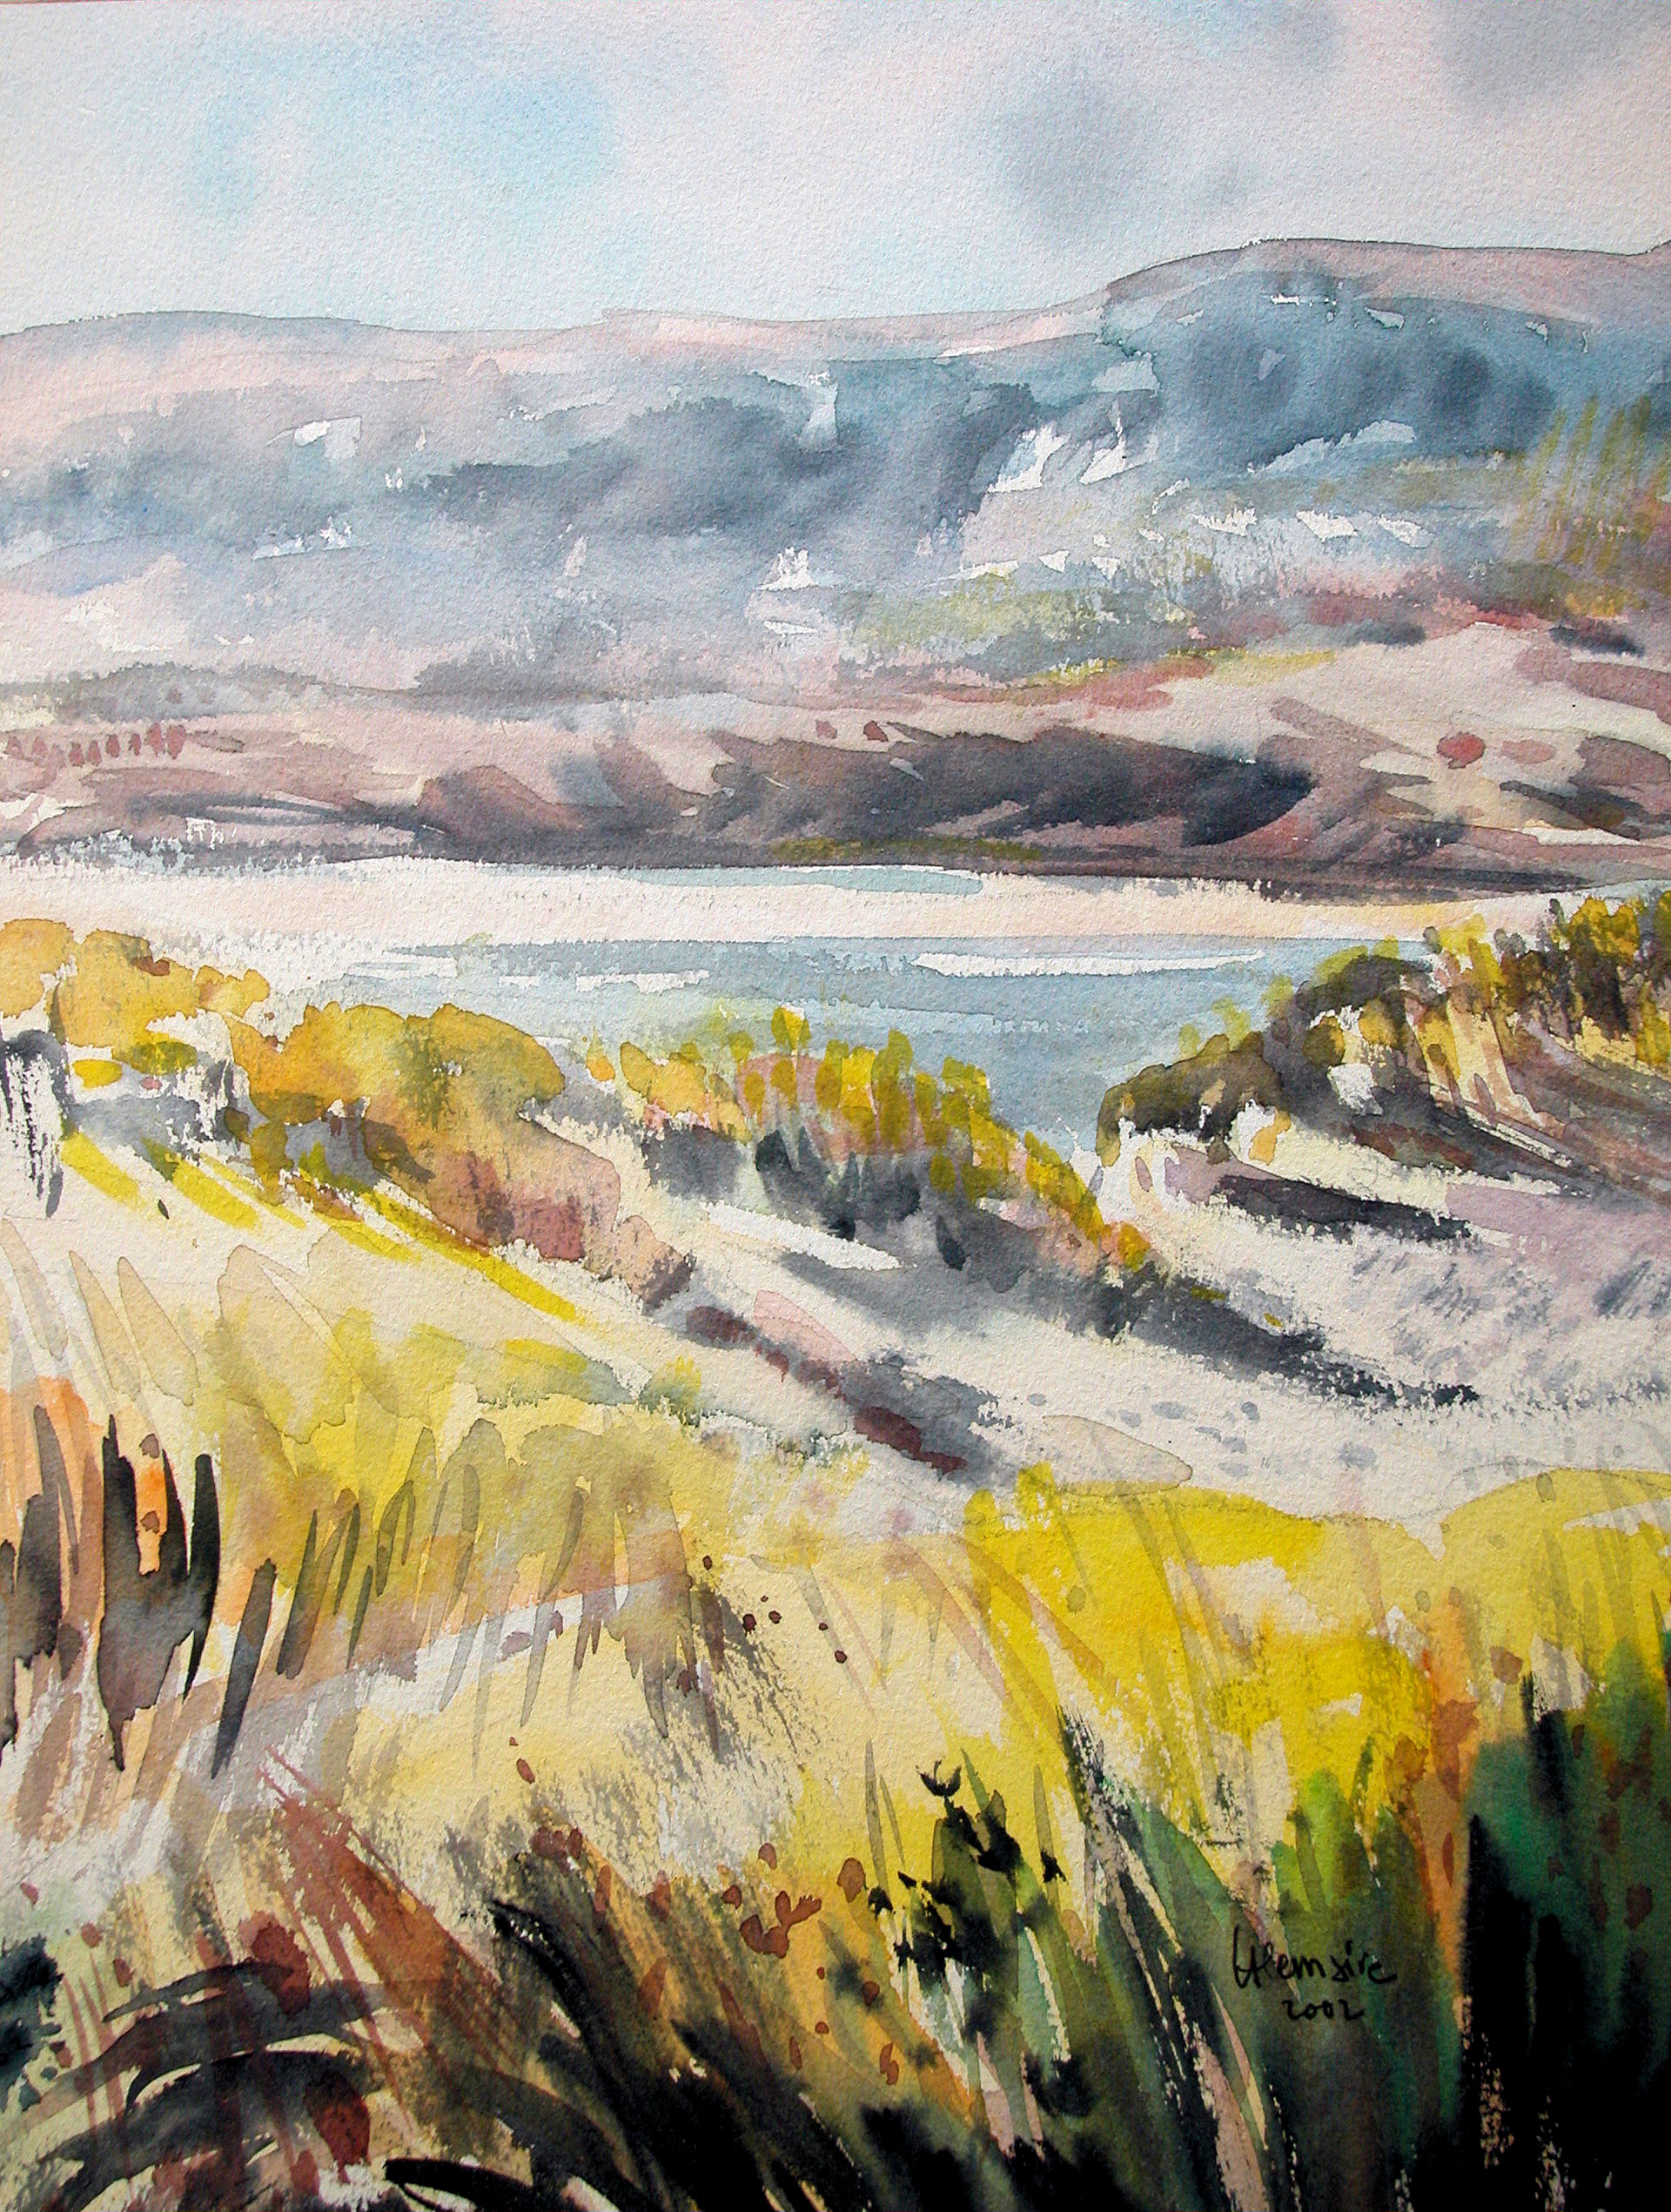 La Canche entre les dunes au Touquet